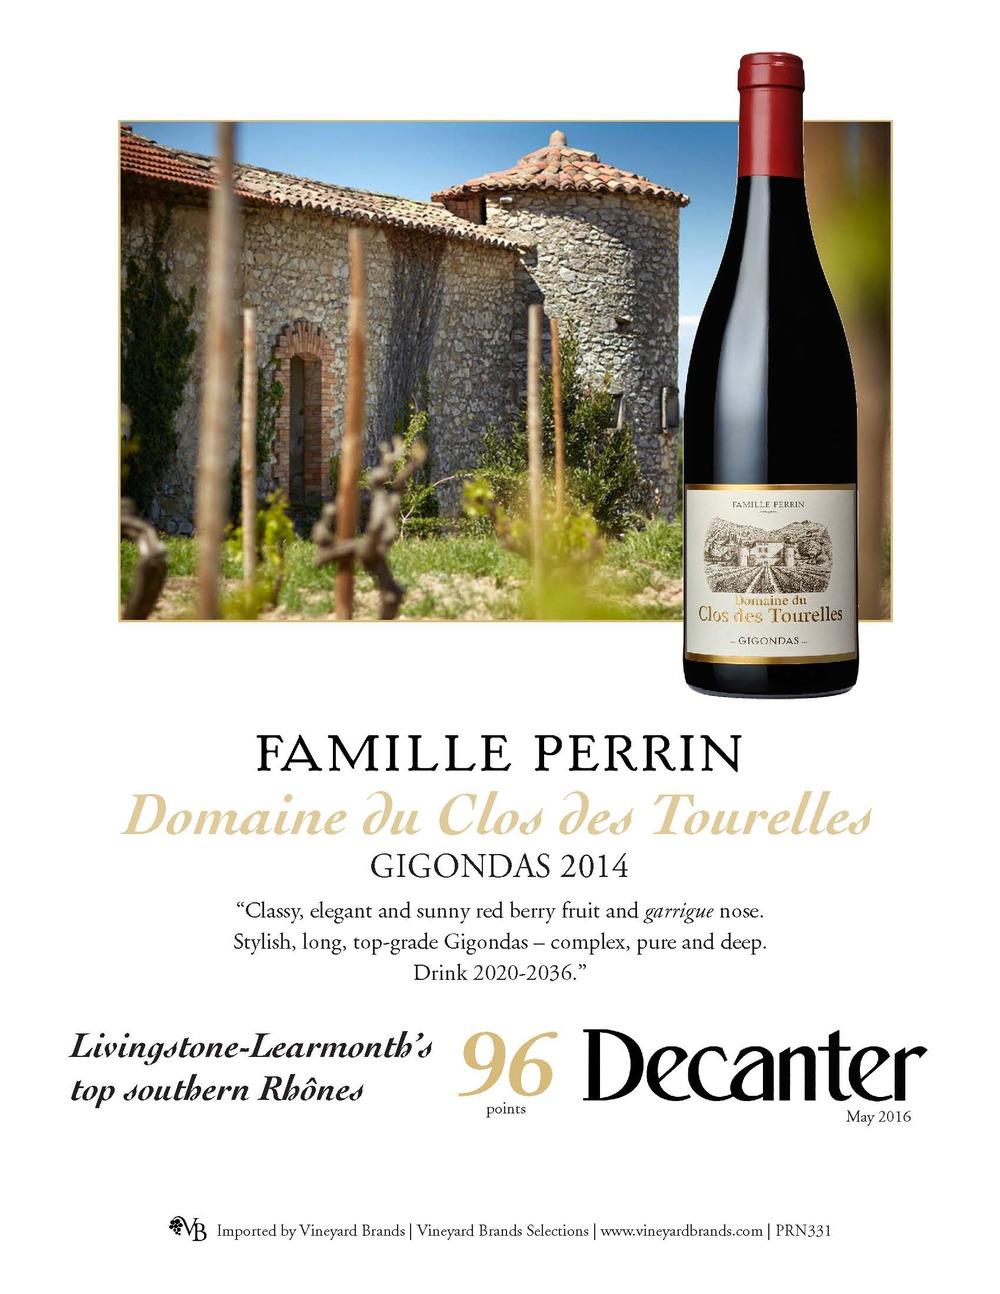 Famille Perrin Domaine du Clos des Tourelles Gigondas 2014